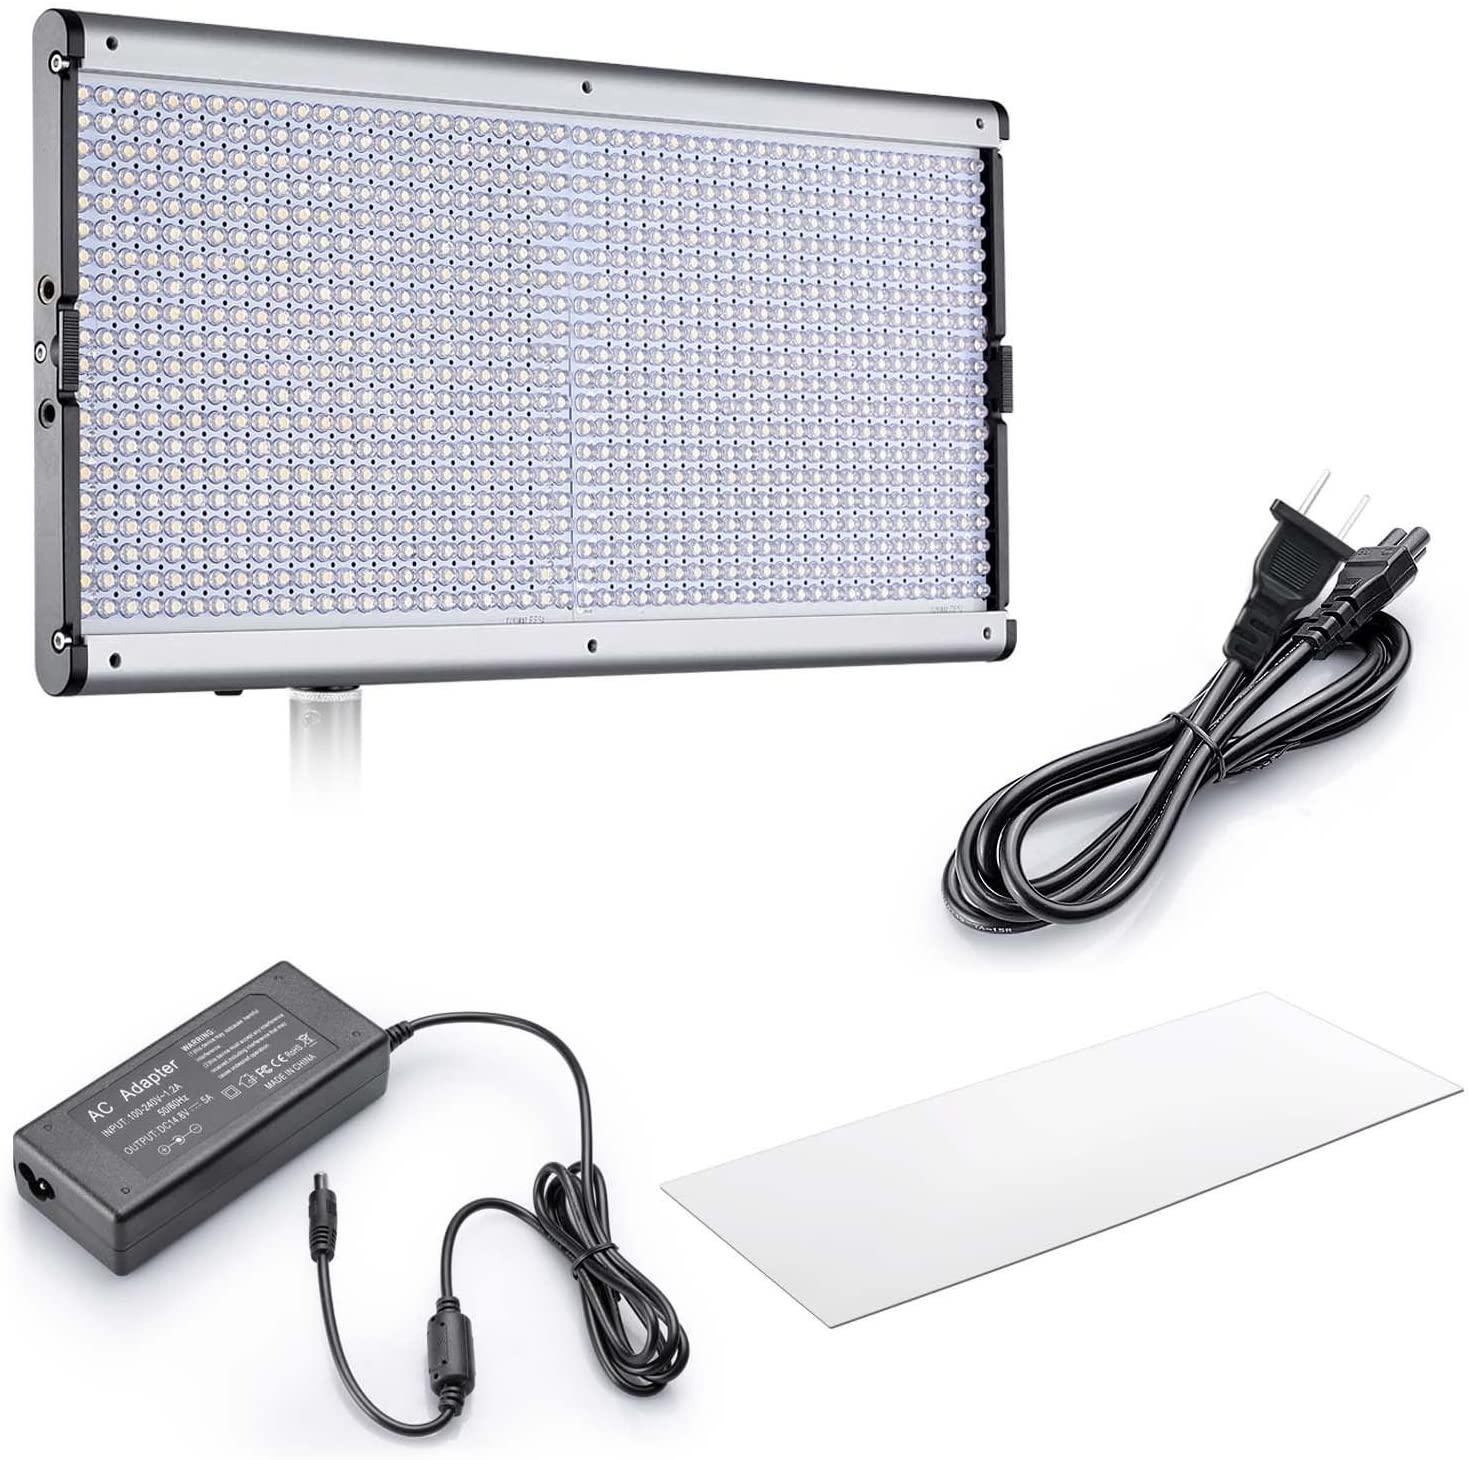 Iluminador LED Greika JYLED-1000S + Fonte AC e Bolsa